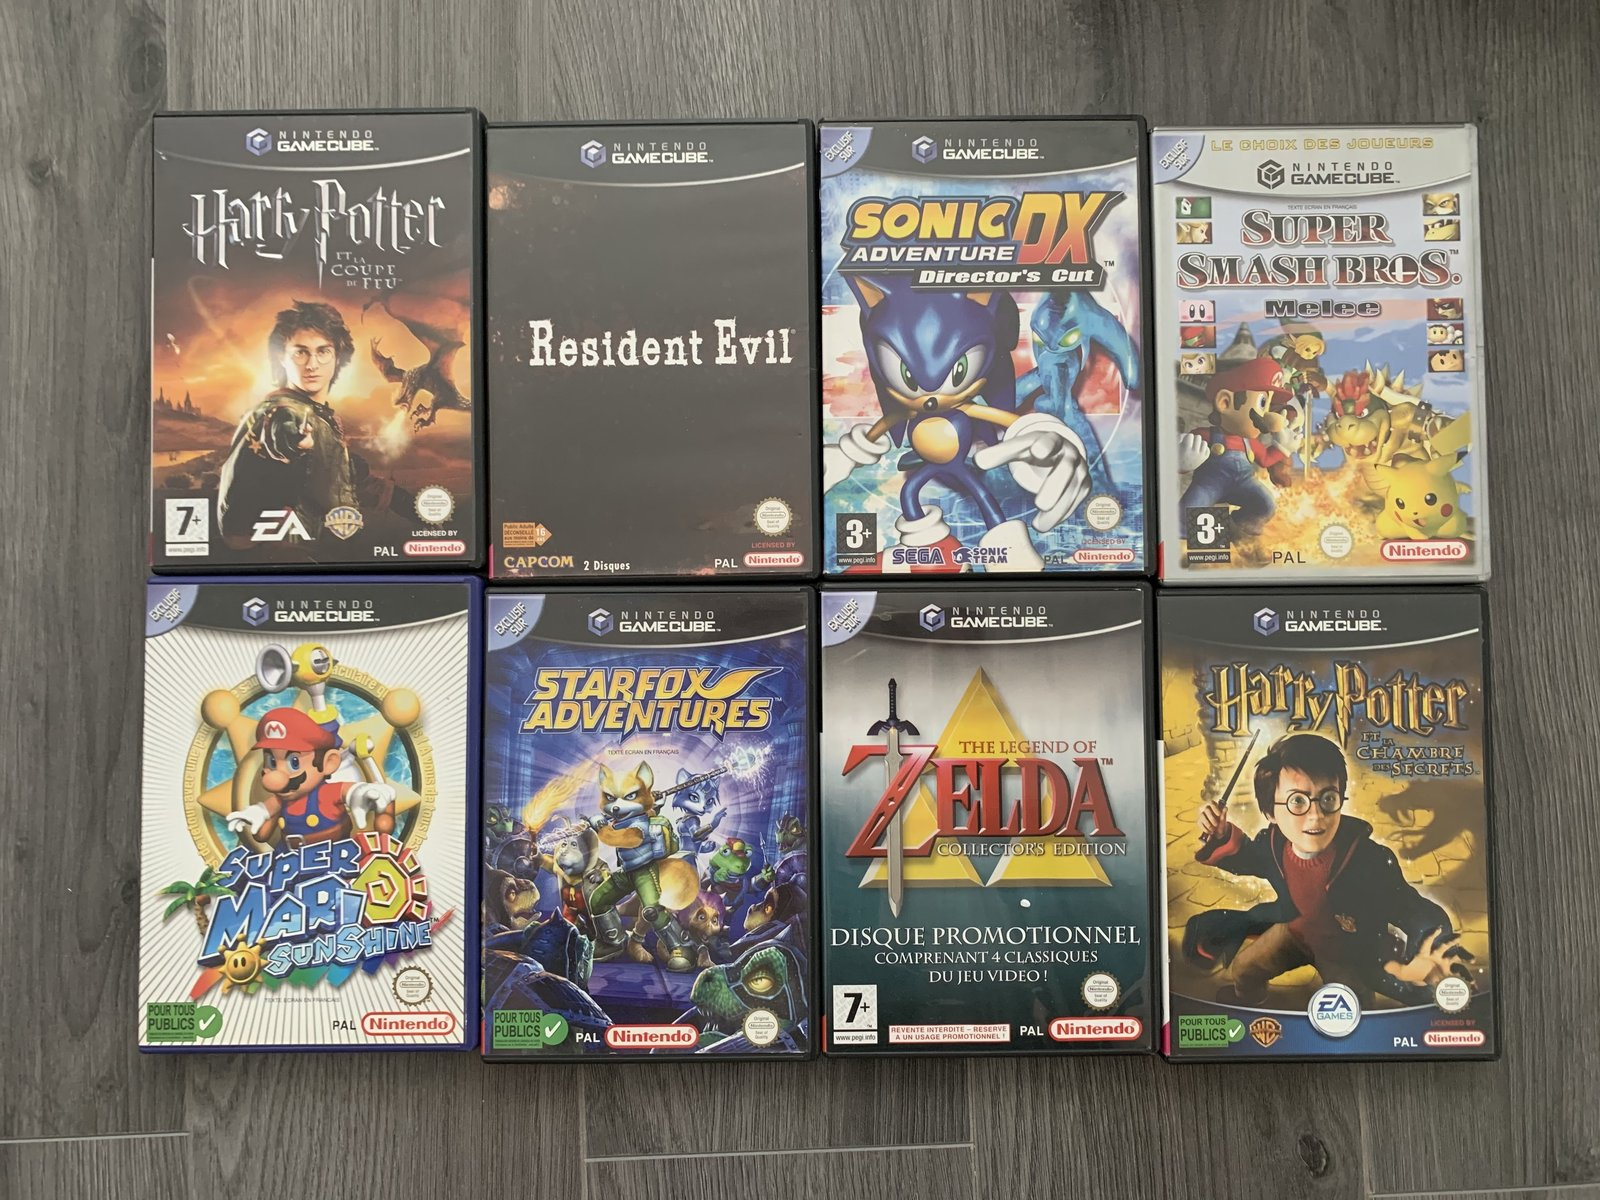 [VENDUE] Ma Collection complète de jeux GameCube en boite complète  200819053844570615